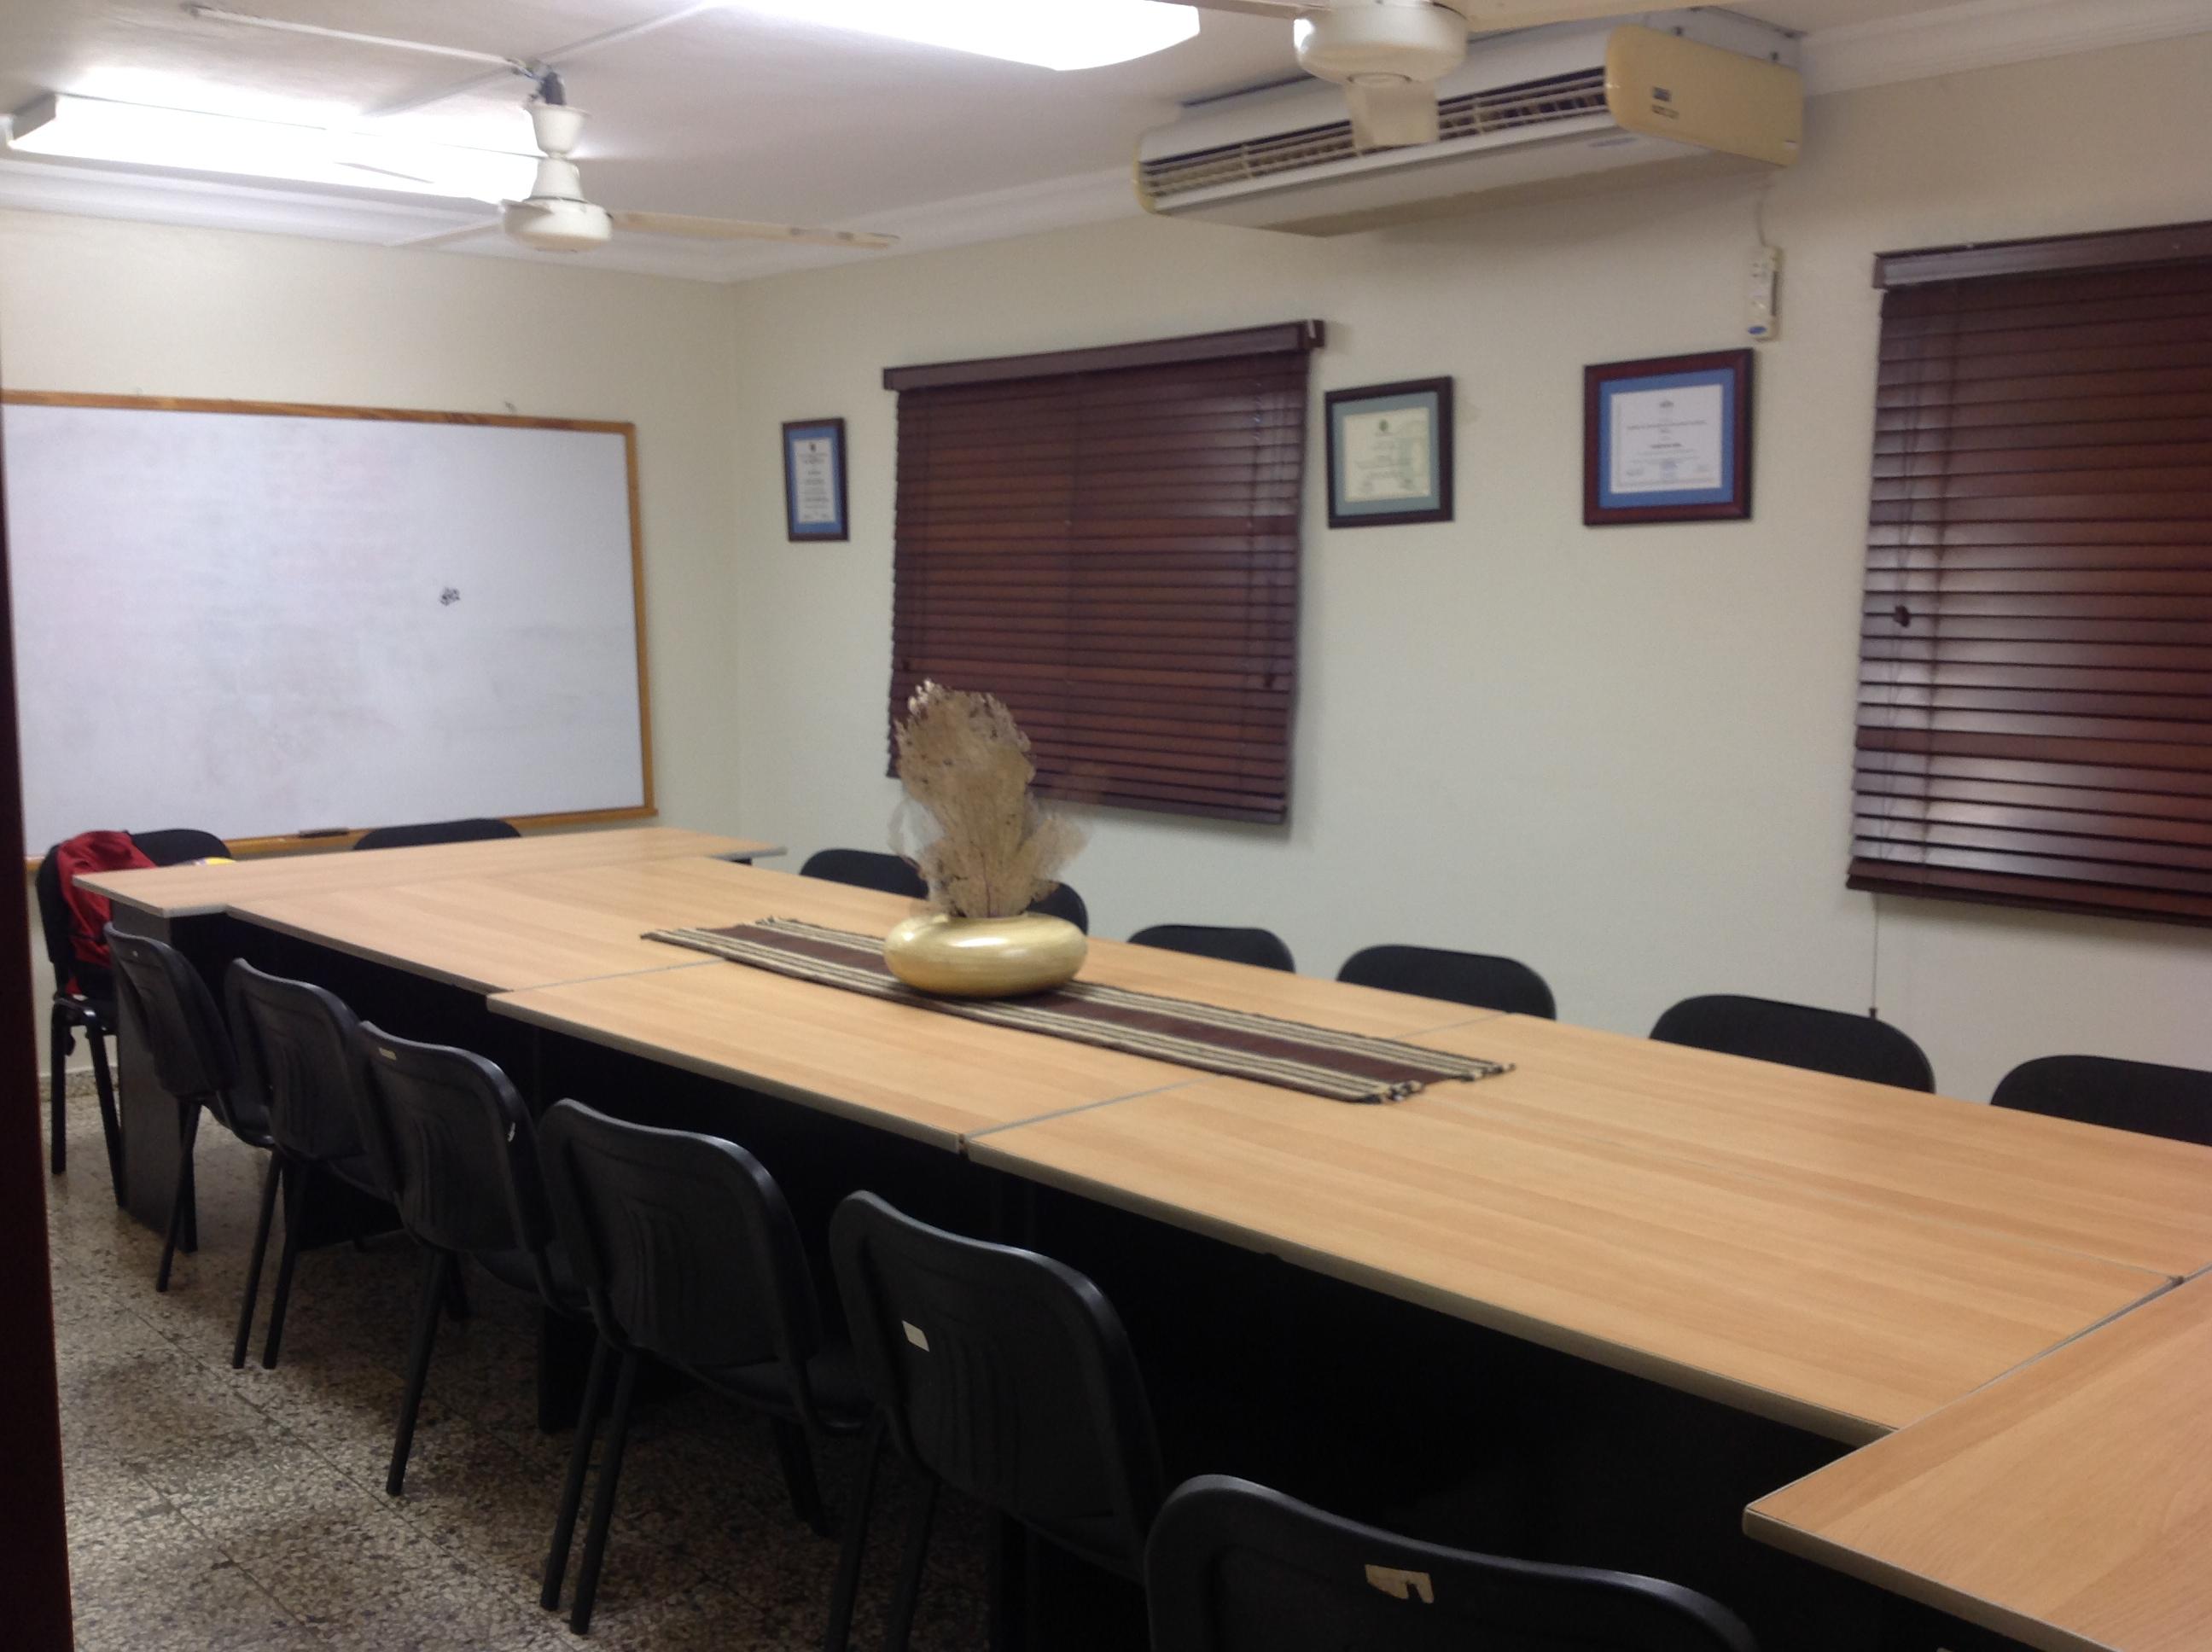 Alquiler sal n de reuniones y oficinas ideac for Aire acondicionado oficina